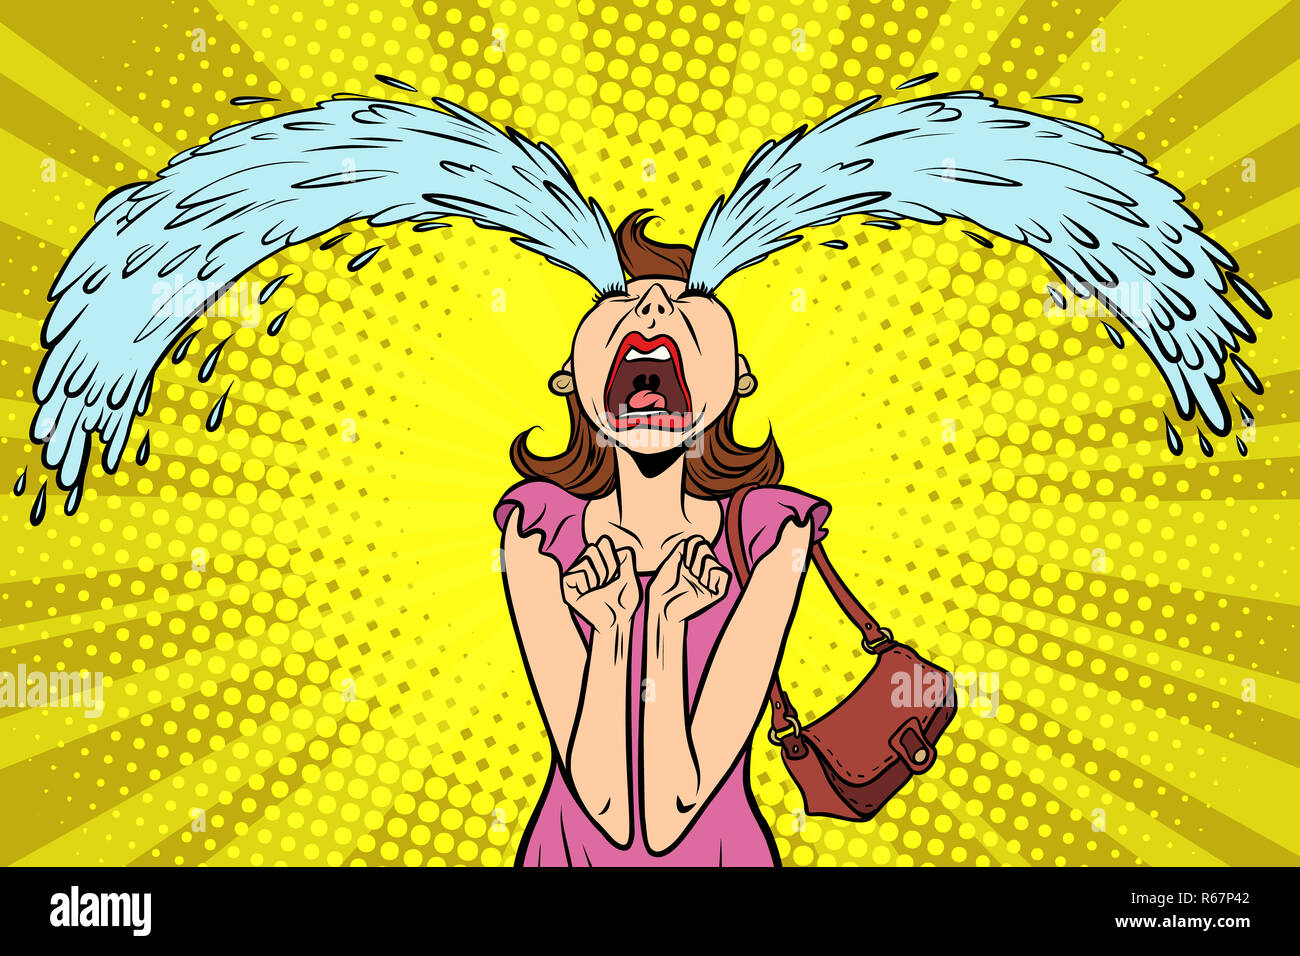 Femme Drole A Pleurer La Grosses Larmes Photo Stock Alamy